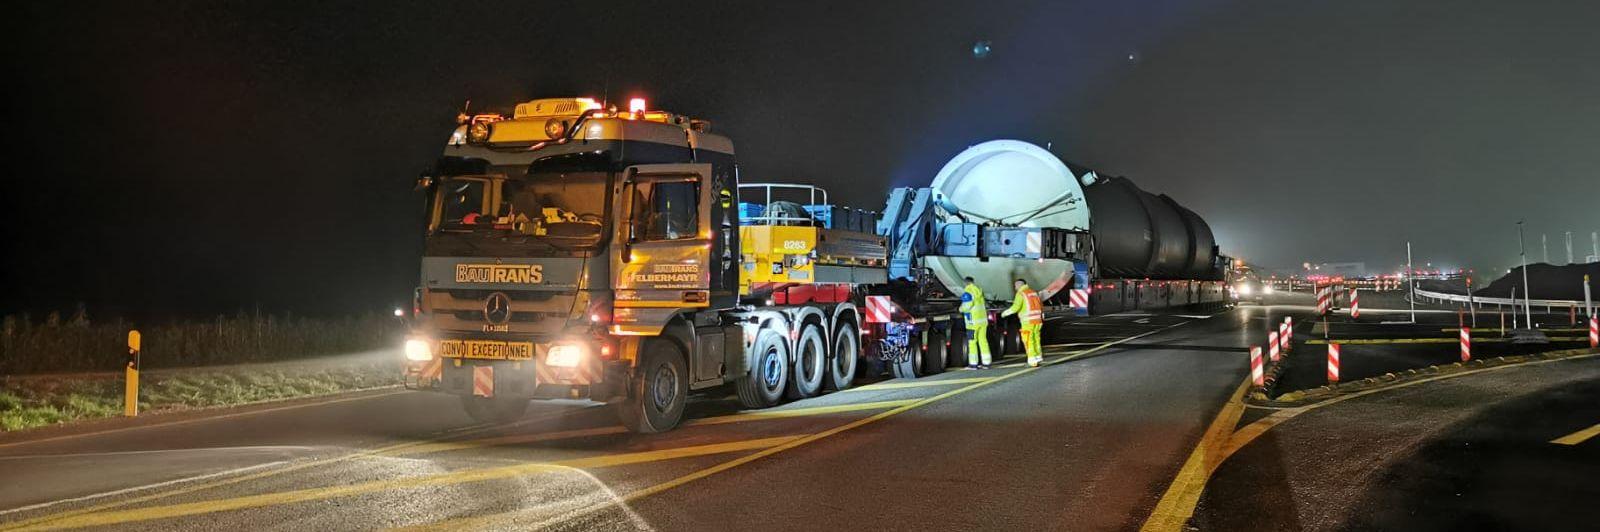 Nehézteher-szállítás a környezetbarát energia szolgálatában Slider